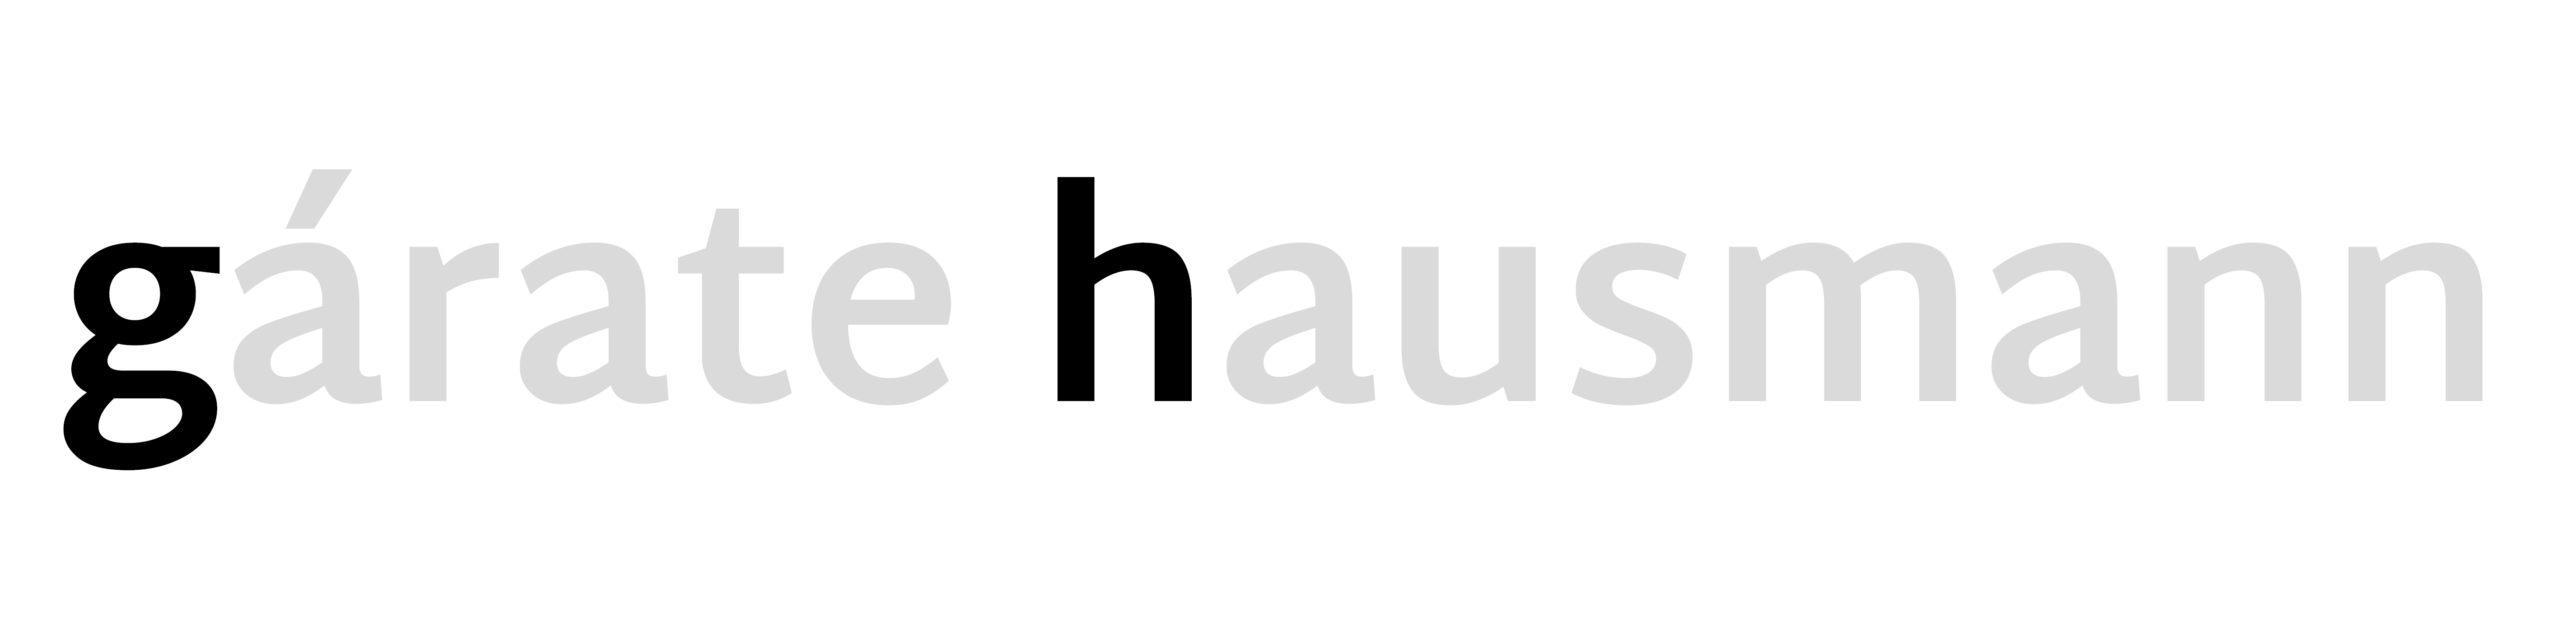 garatehausmann